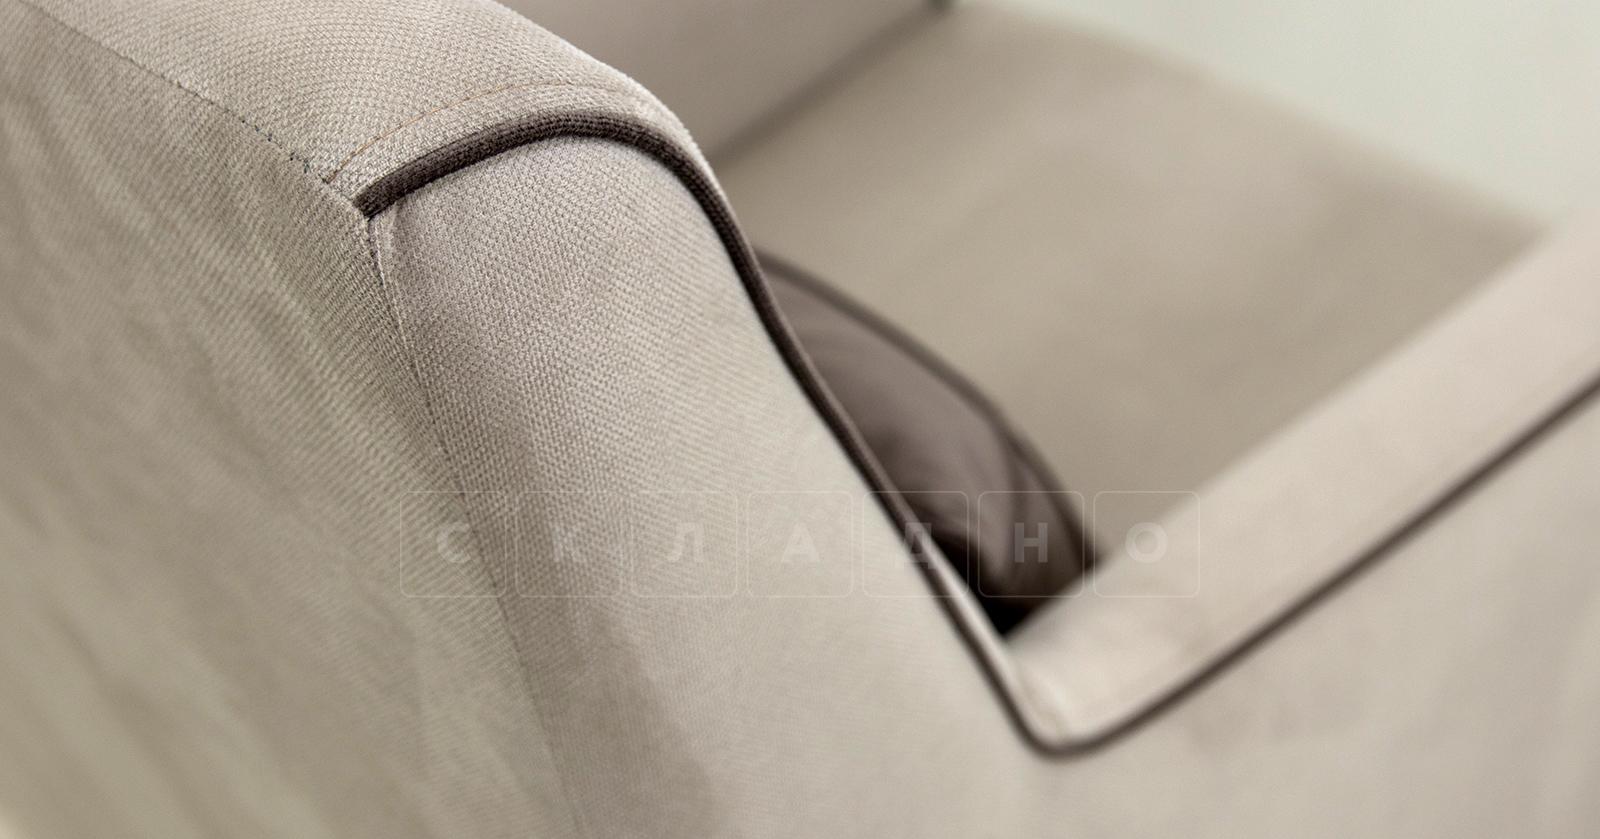 Кресло для отдыха Флэтфорд серо-бежевый фото 9 | интернет-магазин Складно